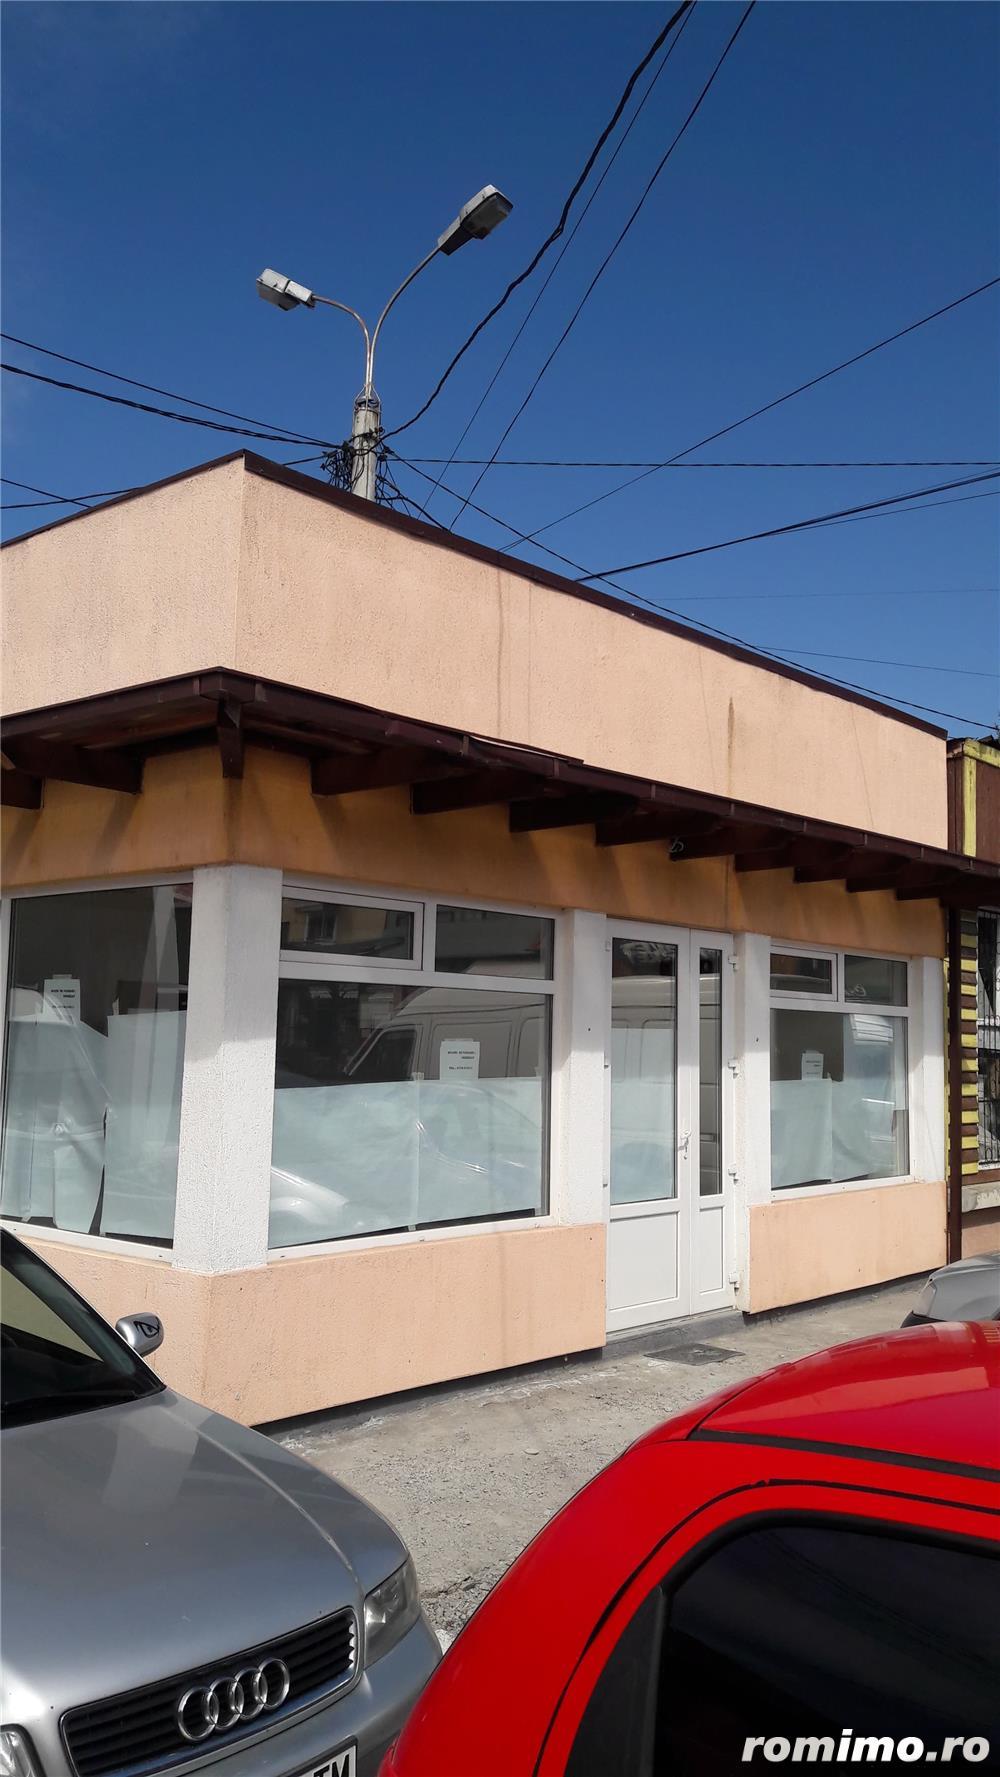 De vânzare spațiu comercial în Tg-Mureș , zona pieței 7 Noiembrie